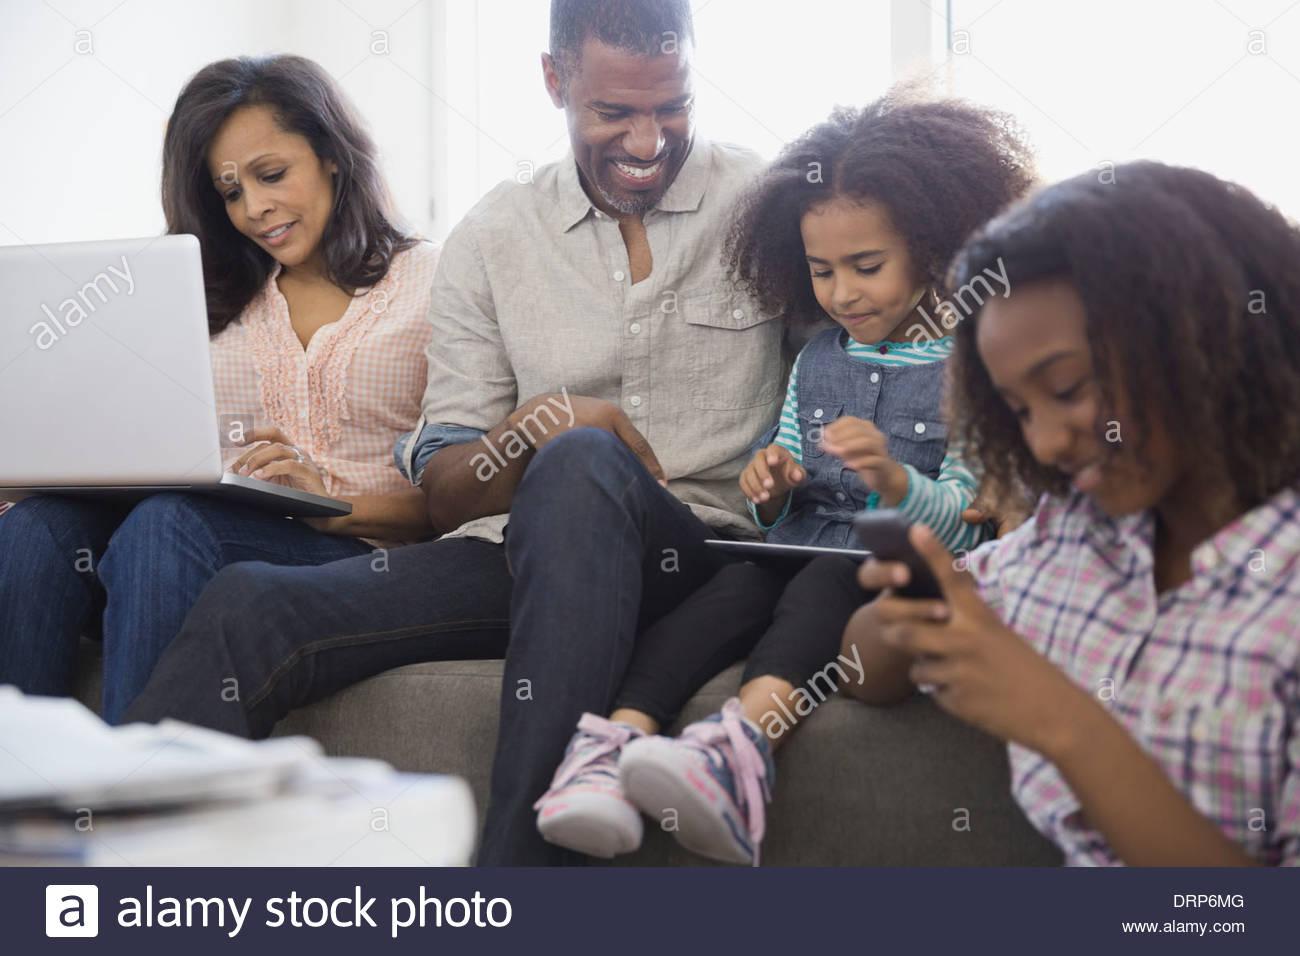 El uso de dispositivos inalámbricos de la familia en el hogar Imagen De Stock